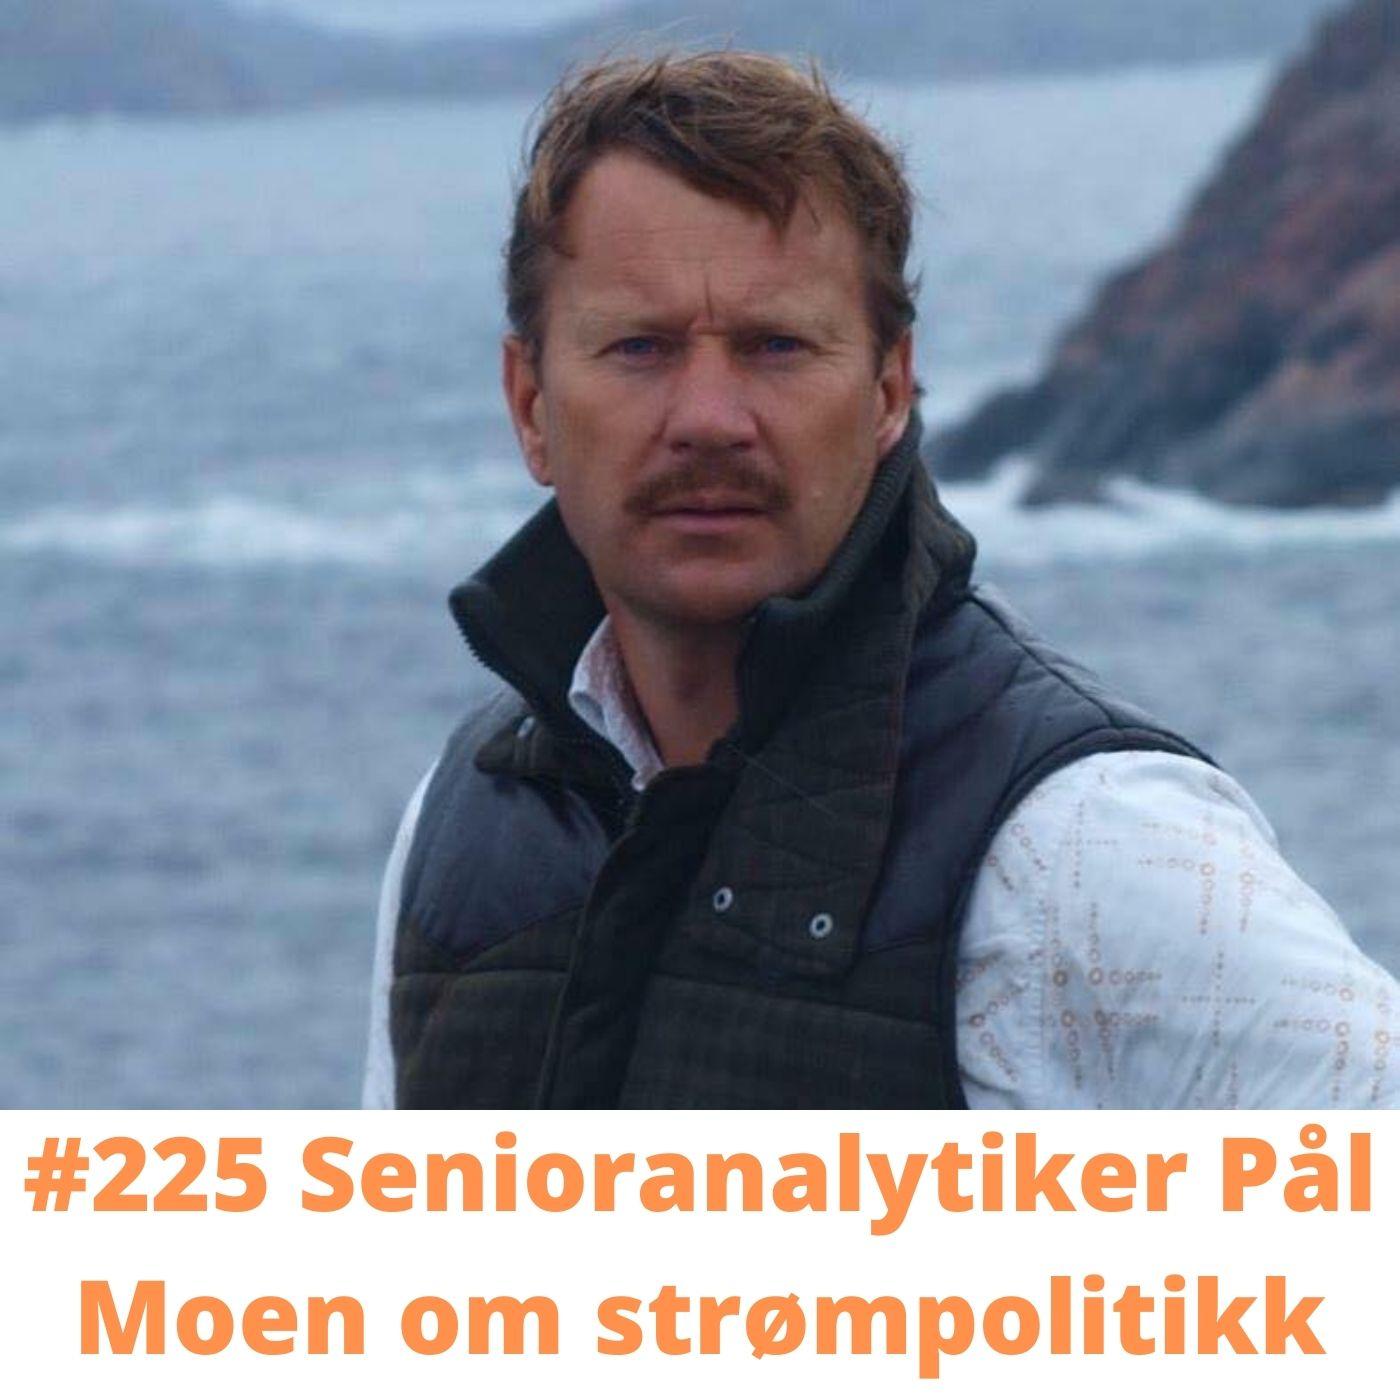 #225 Senioranalytiker Pål Moen om strømpolitikk